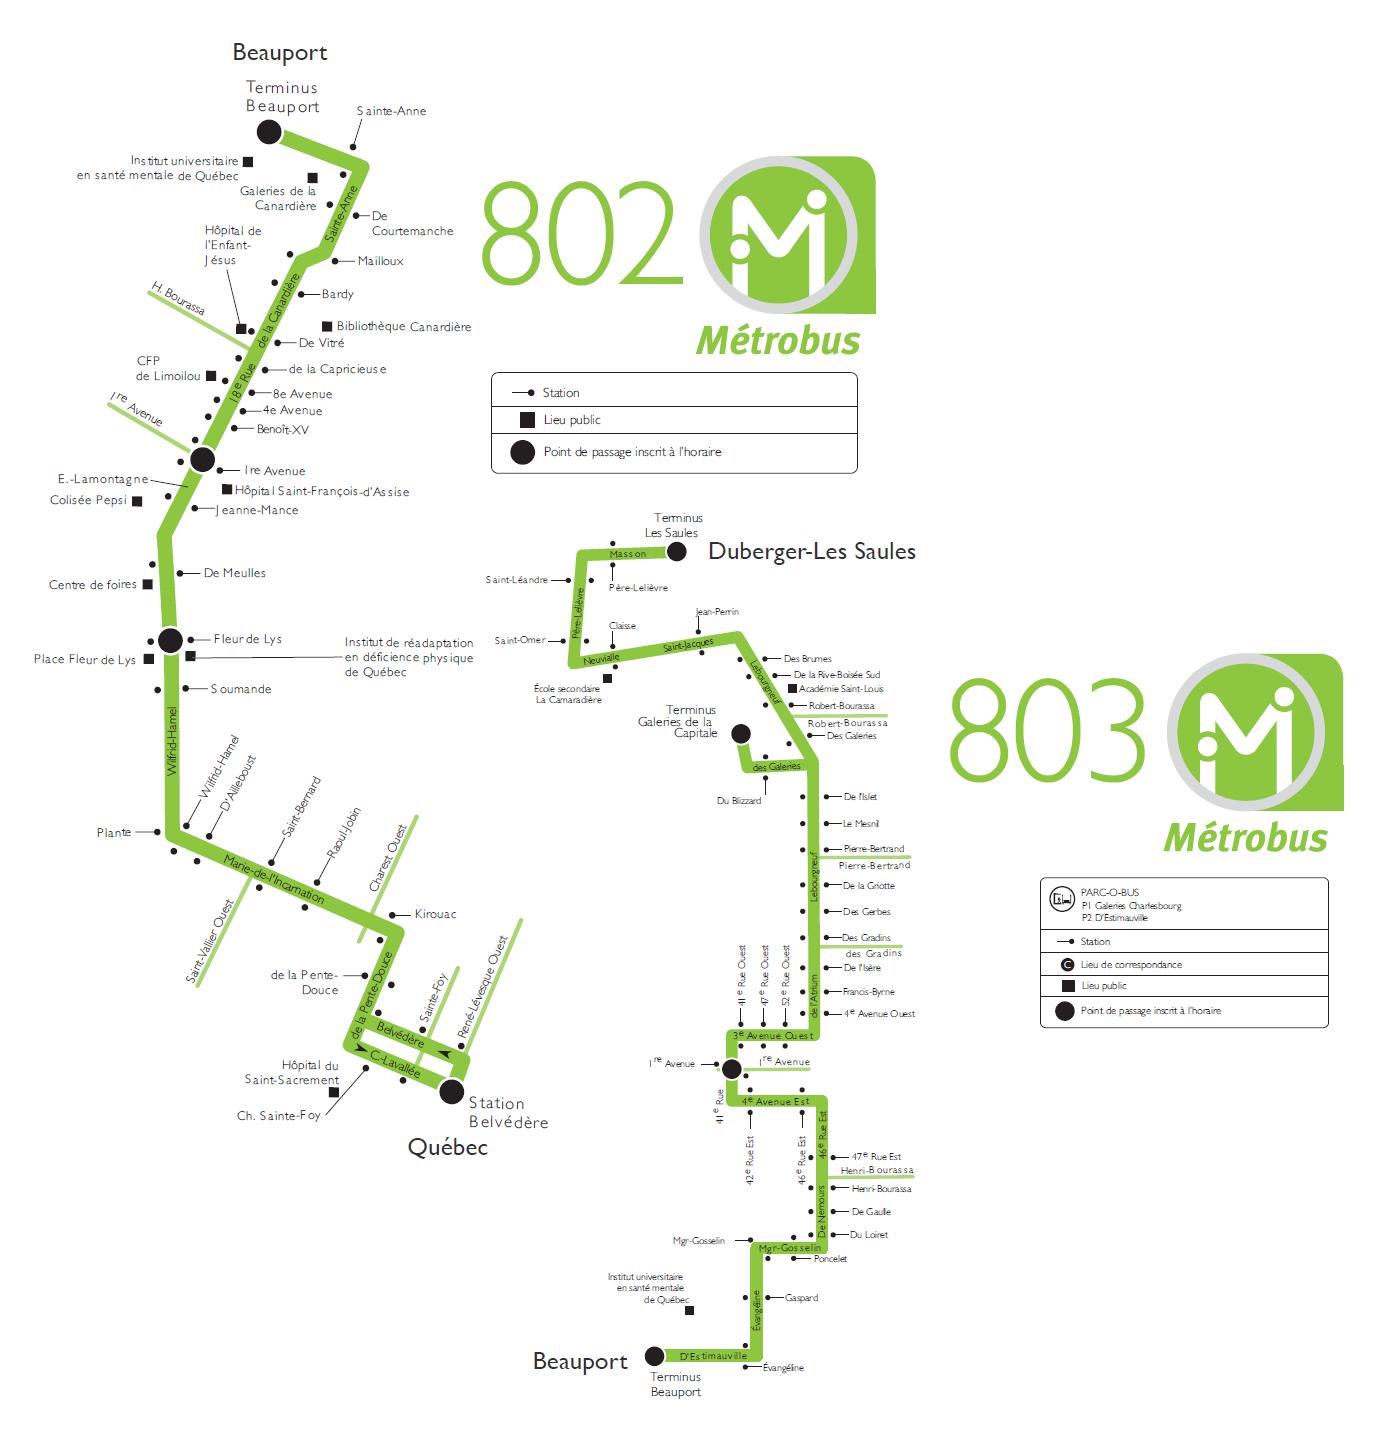 carte des lignes du metrobus de québec 802 et 803